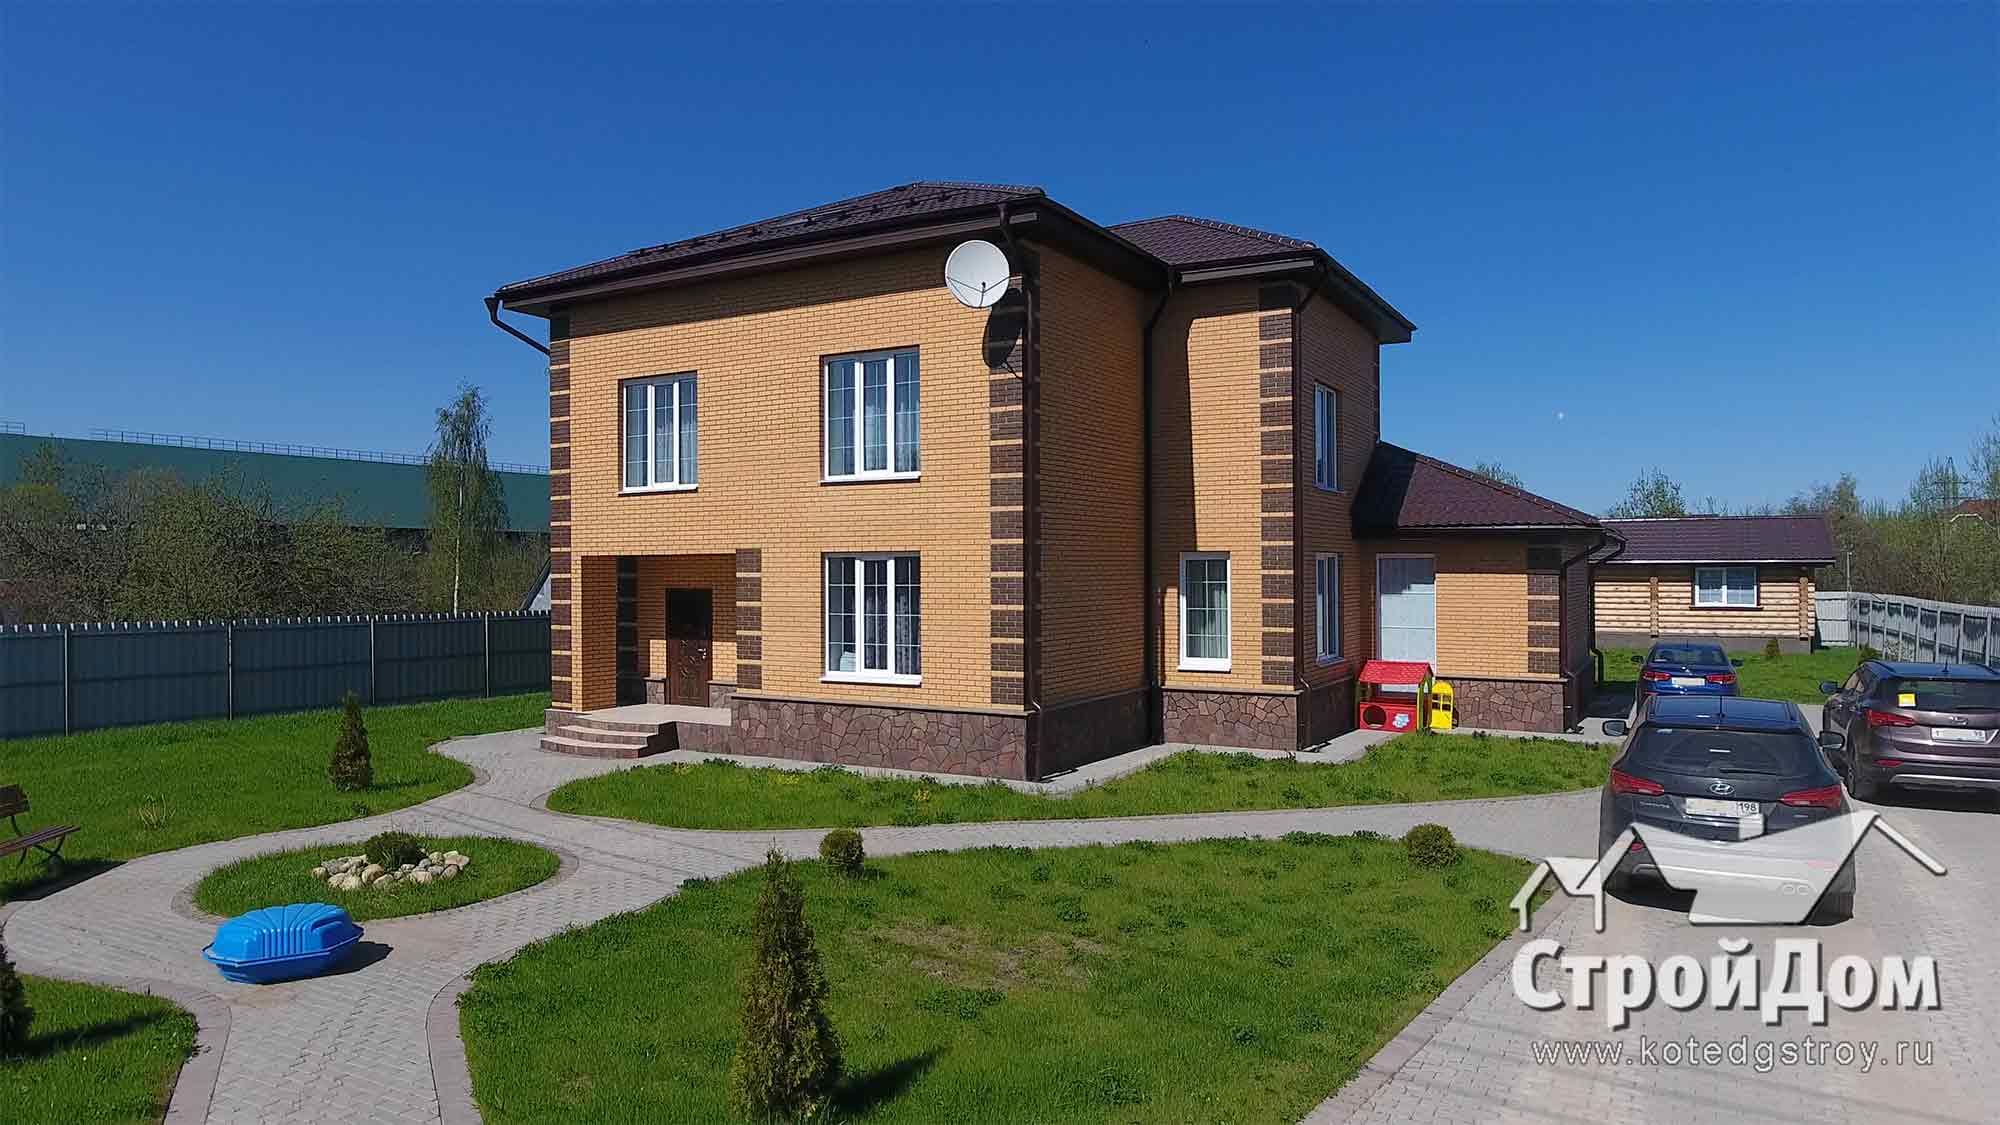 Строительство кирпичных домов под ключ в СПБ и Ленинградской области